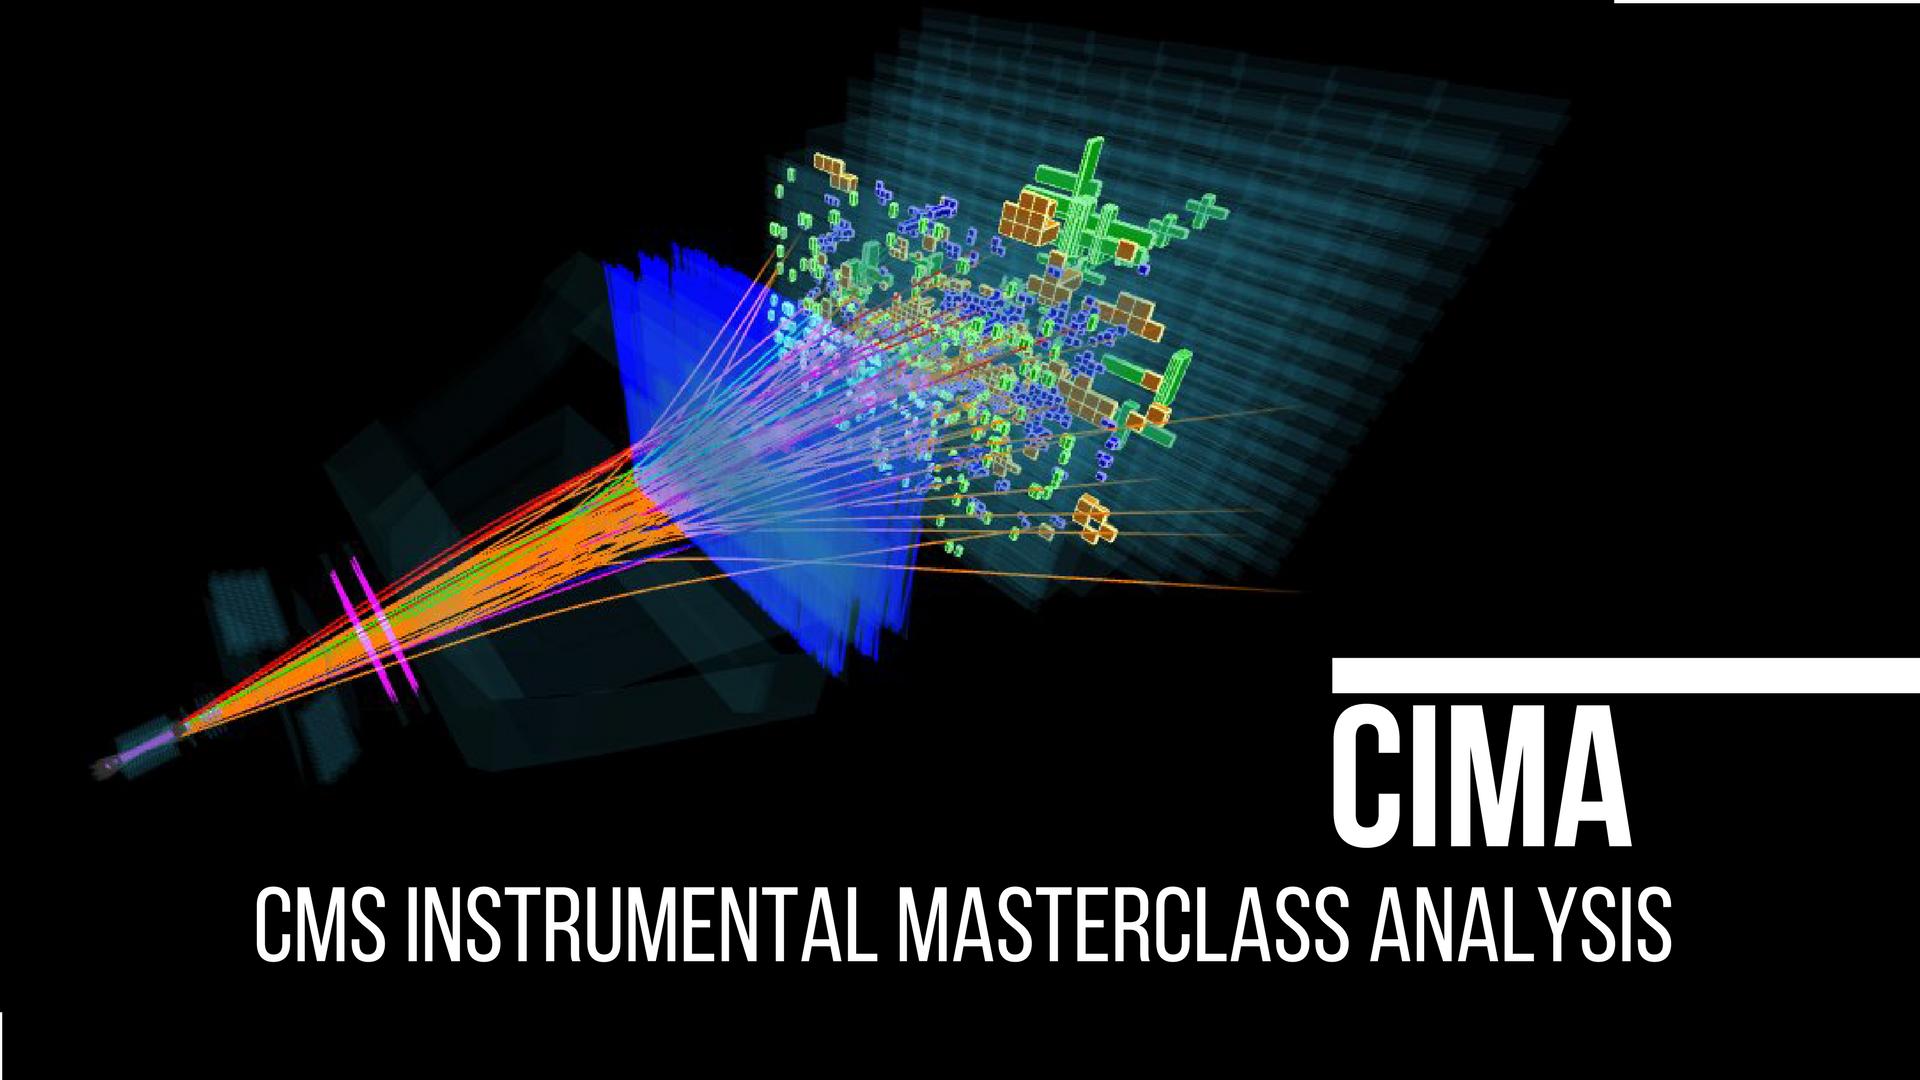 CIMA: O simulador 3D do CMS